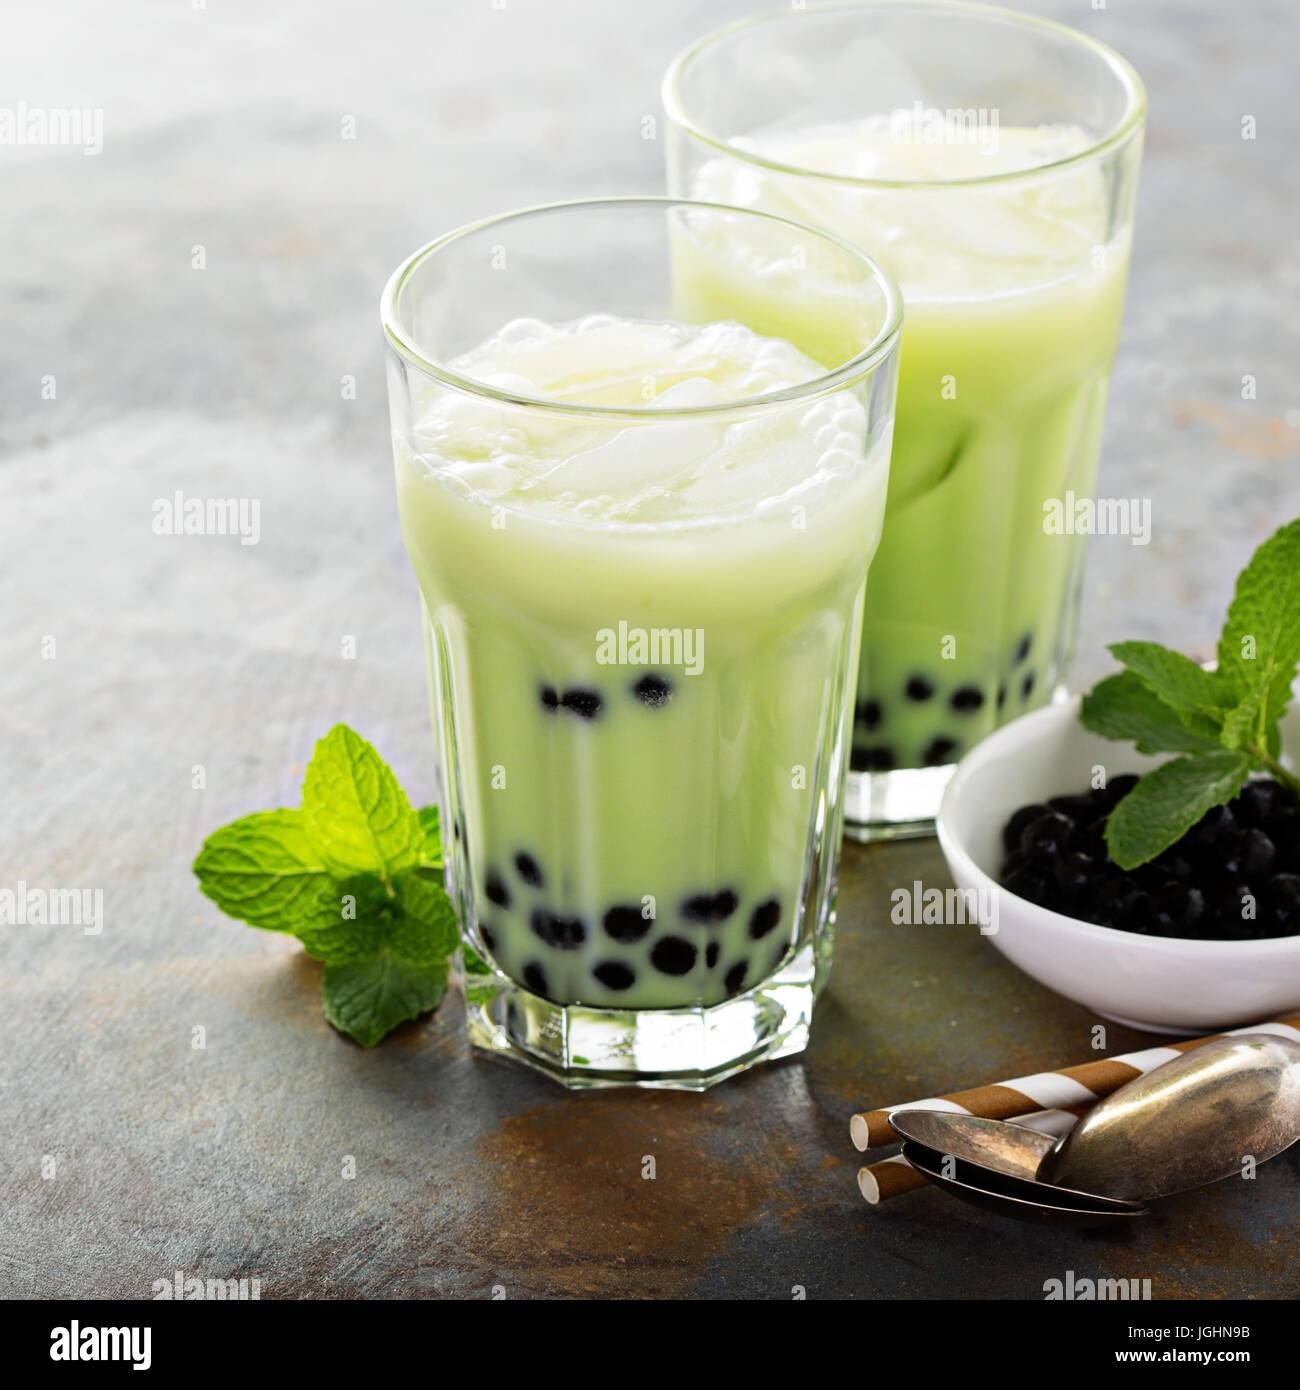 Matcha bubble tea - Stock Image